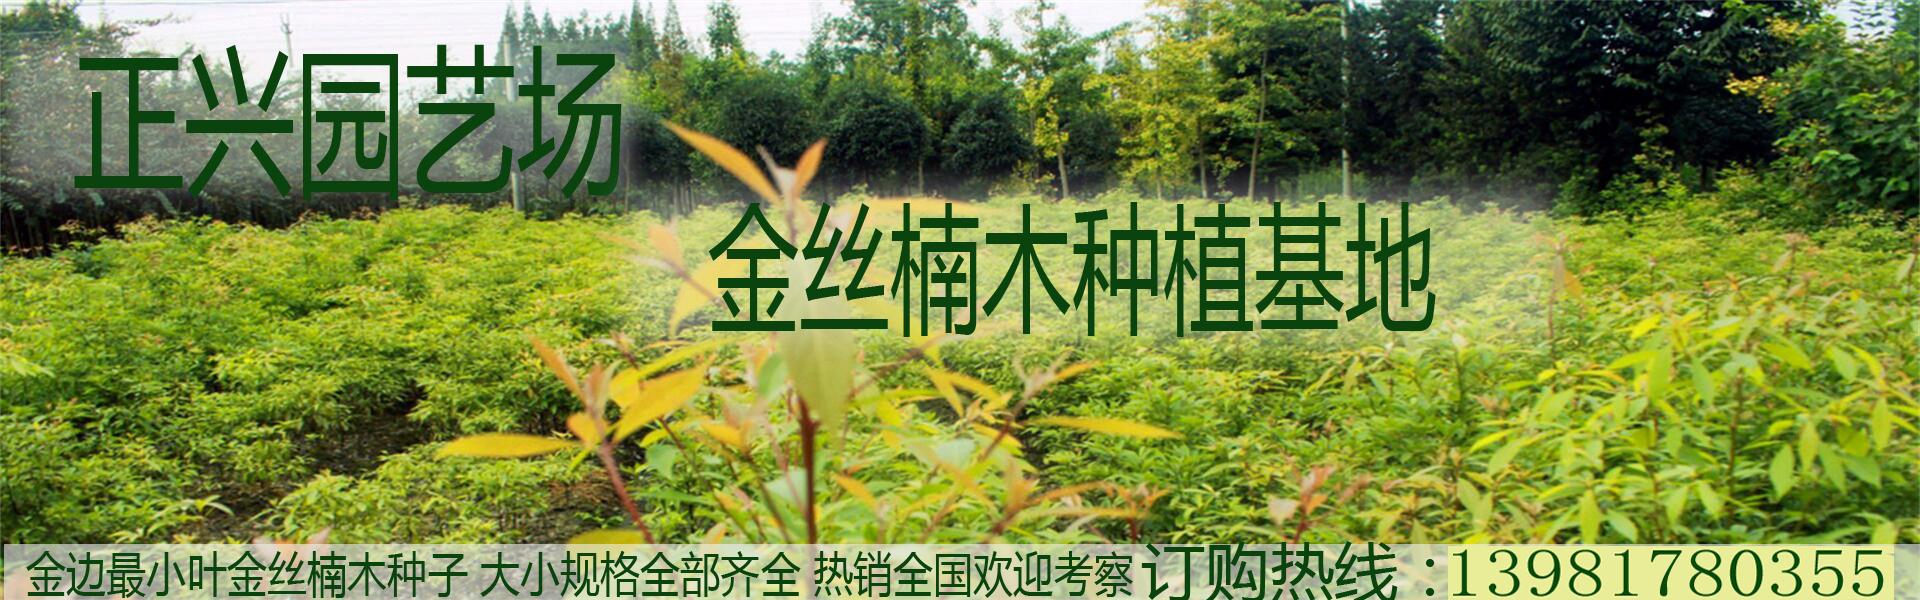 正兴园艺场 全国最大的金丝楠木树基地